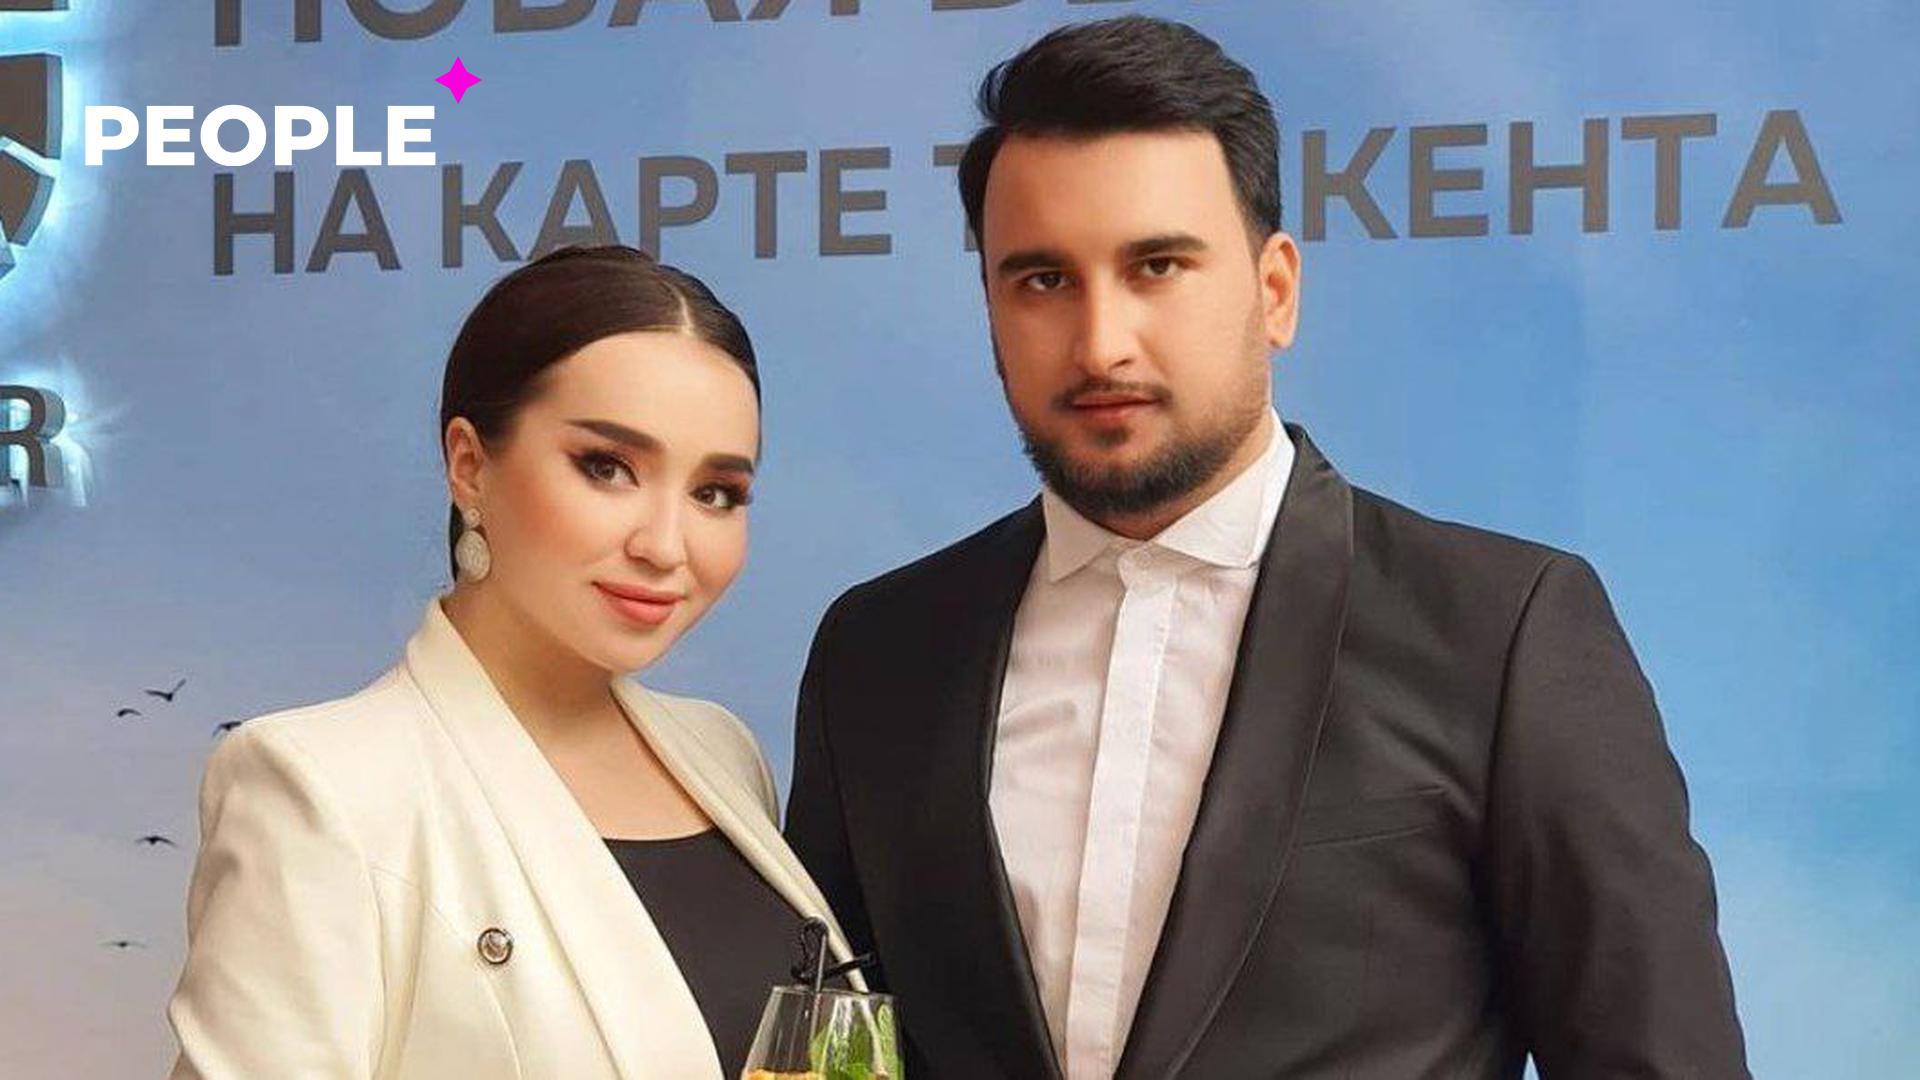 Муж Шахзоды Мухаммедовой запускает реалити-шоу с призом в 50 тысяч долларов